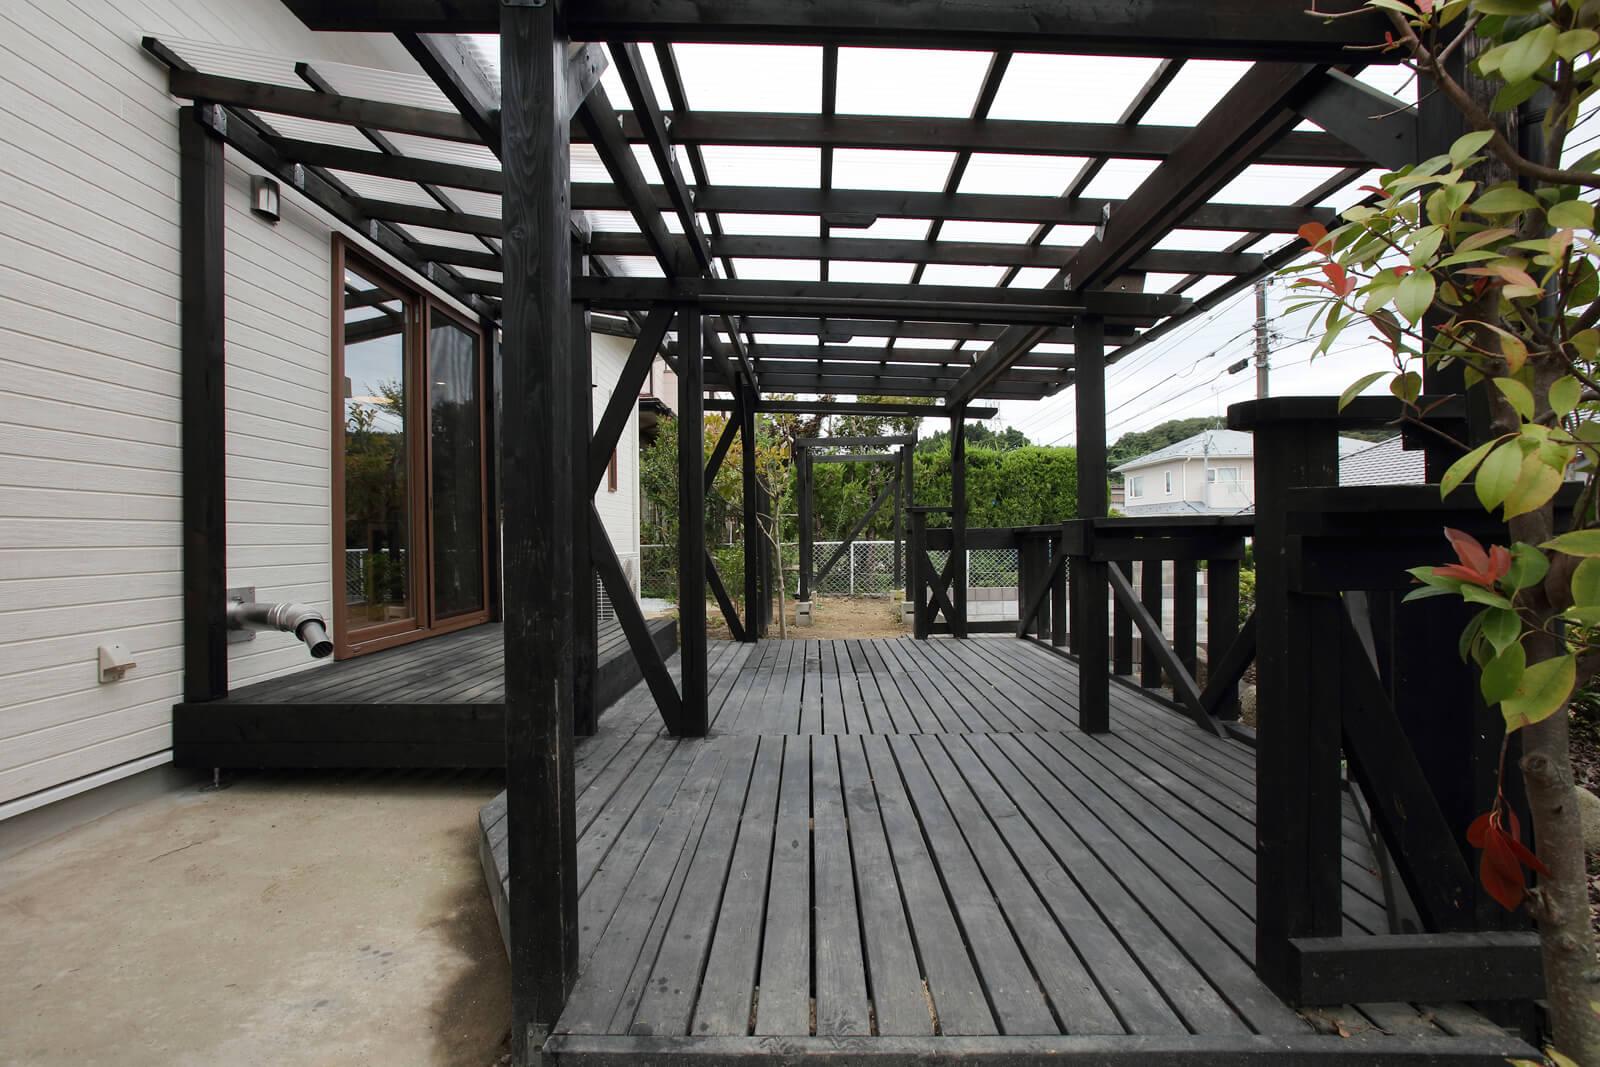 ウッドデッキは状態が良かったのでそのまま残した。藤棚だった木組みはブランコの支柱として活用